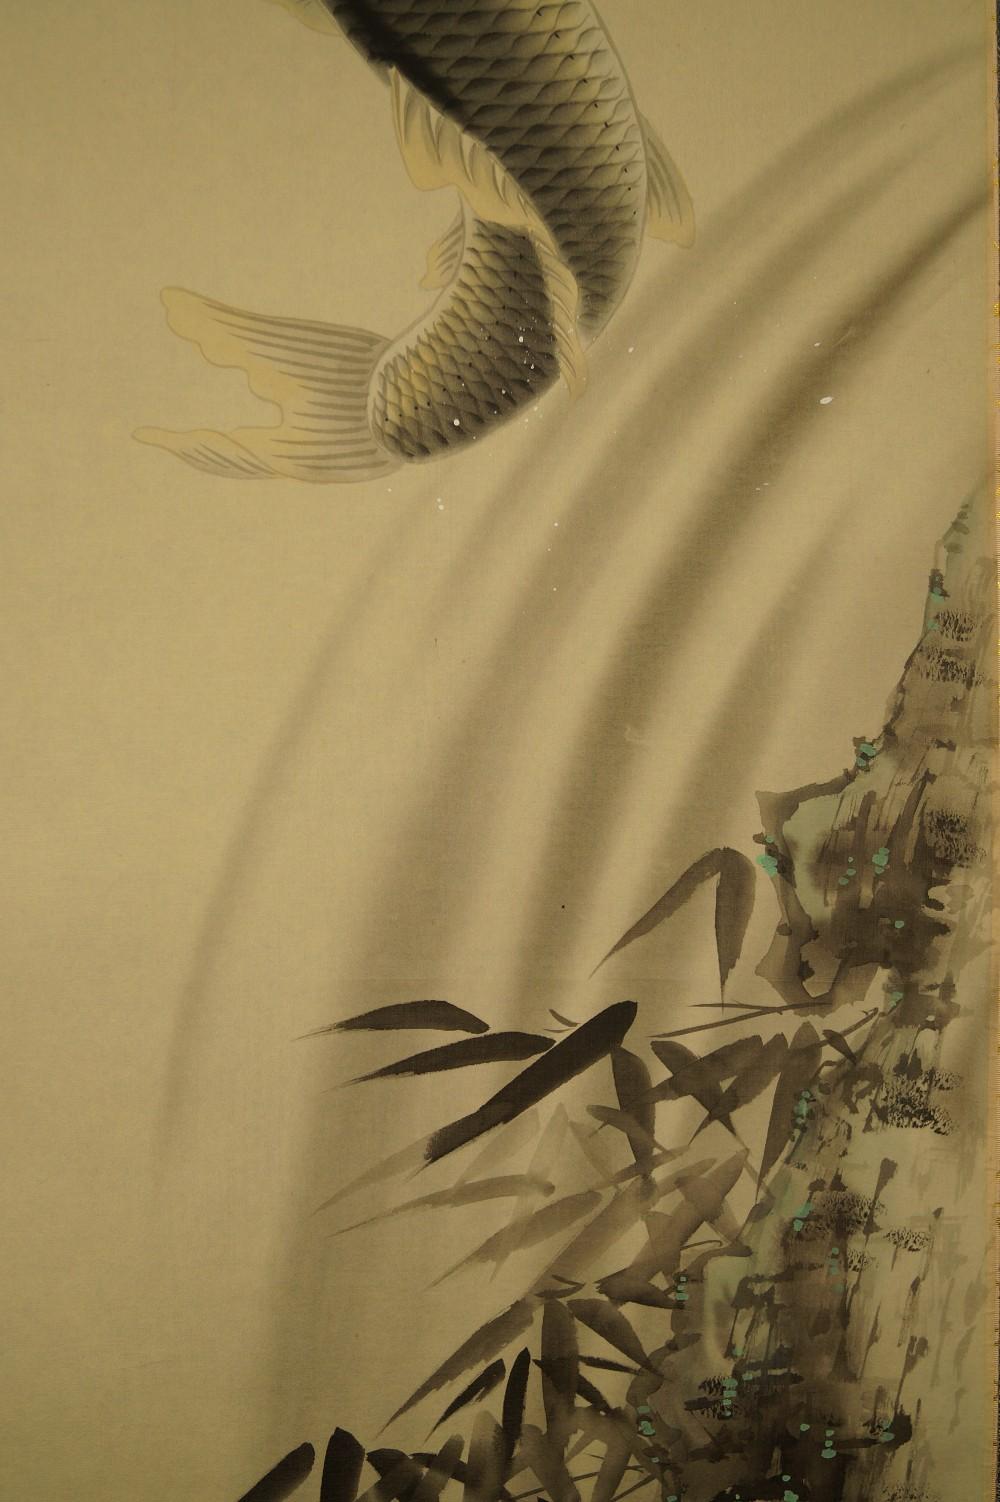 Koi am Wasserfall - japanisches Rollgemälde (Kakejiku, Kakemono)